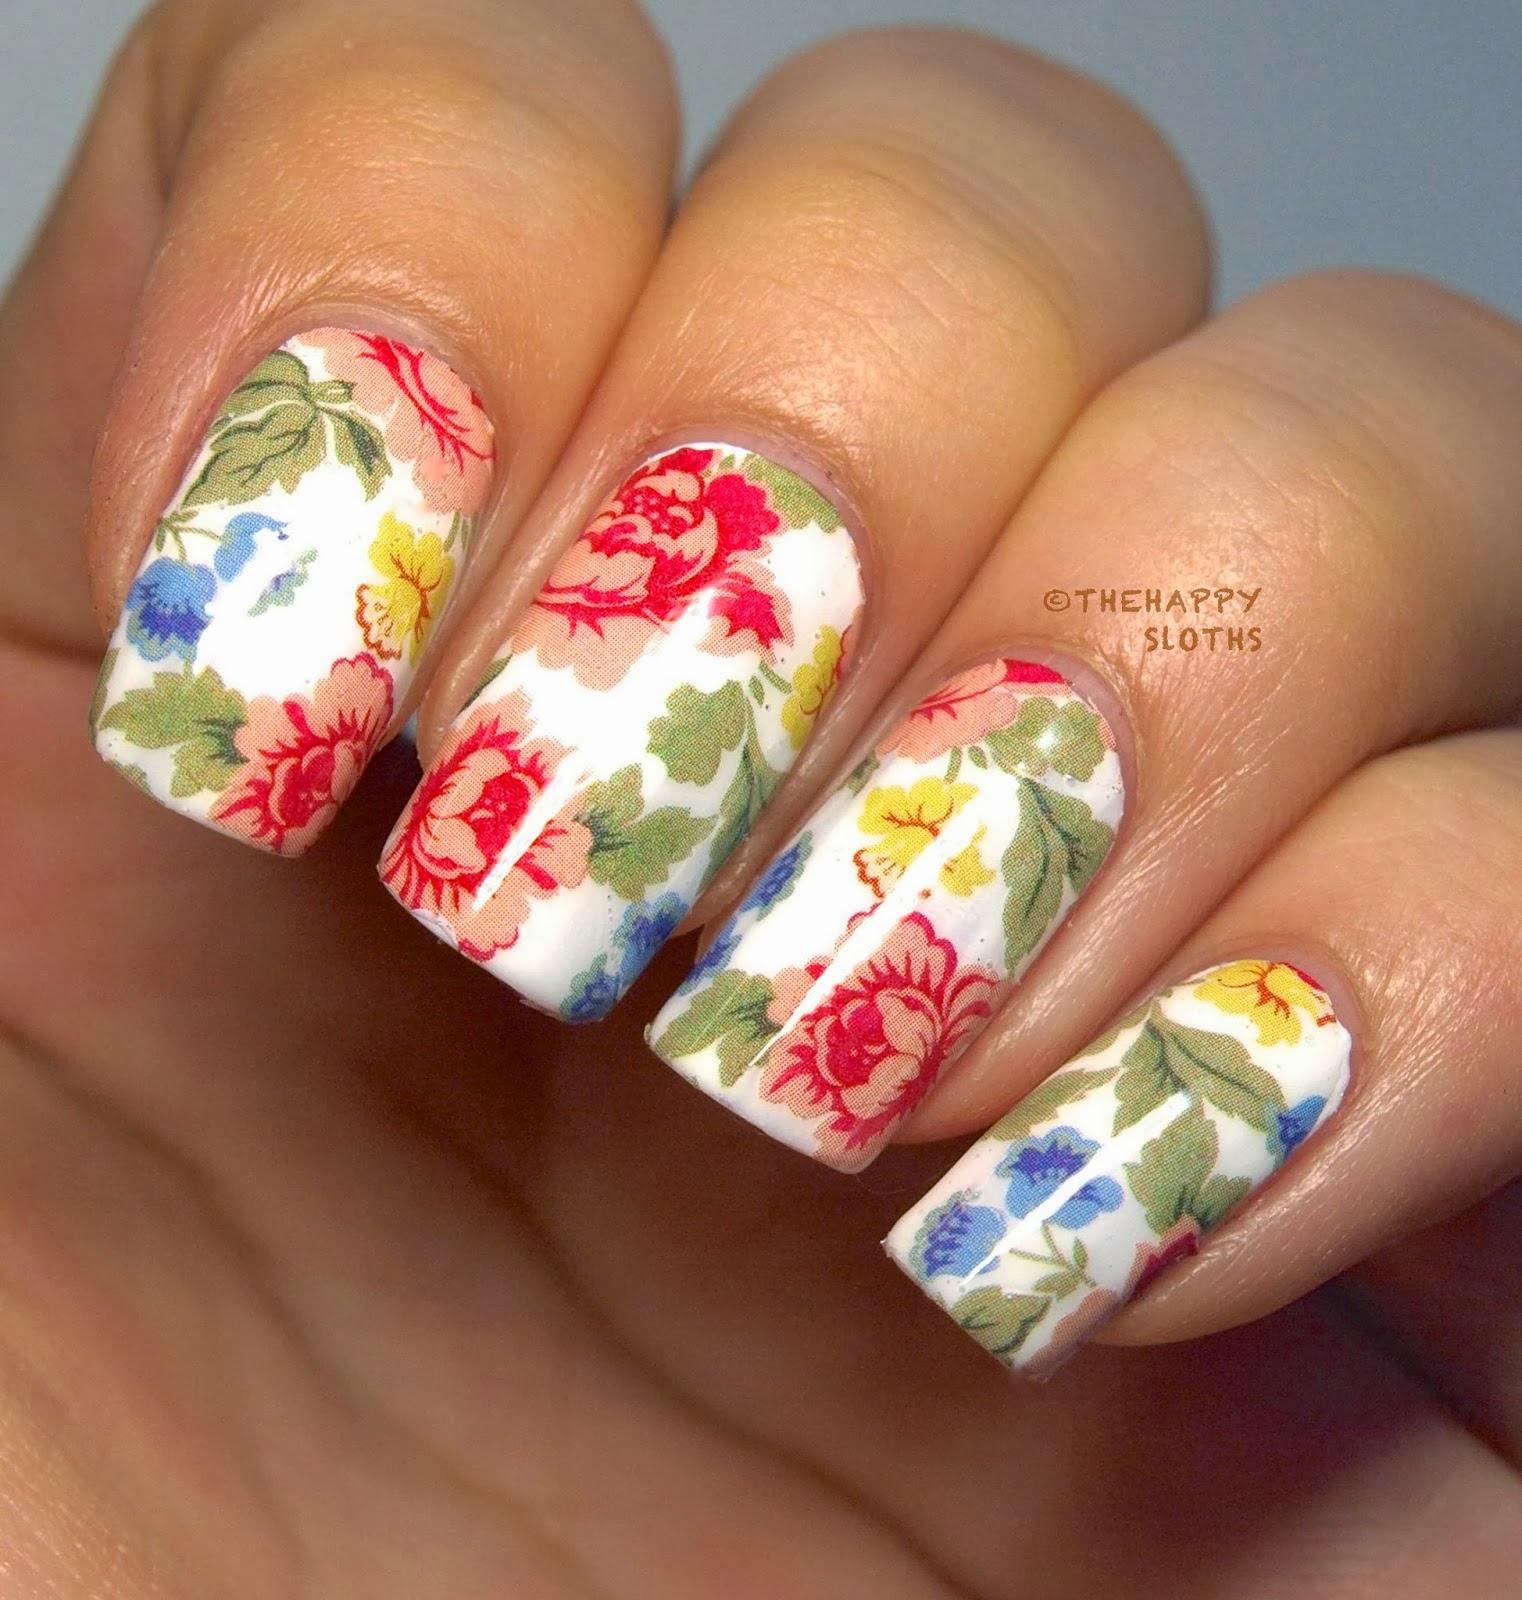 Born Pretty Store Blog: March Nail Art Designs Show